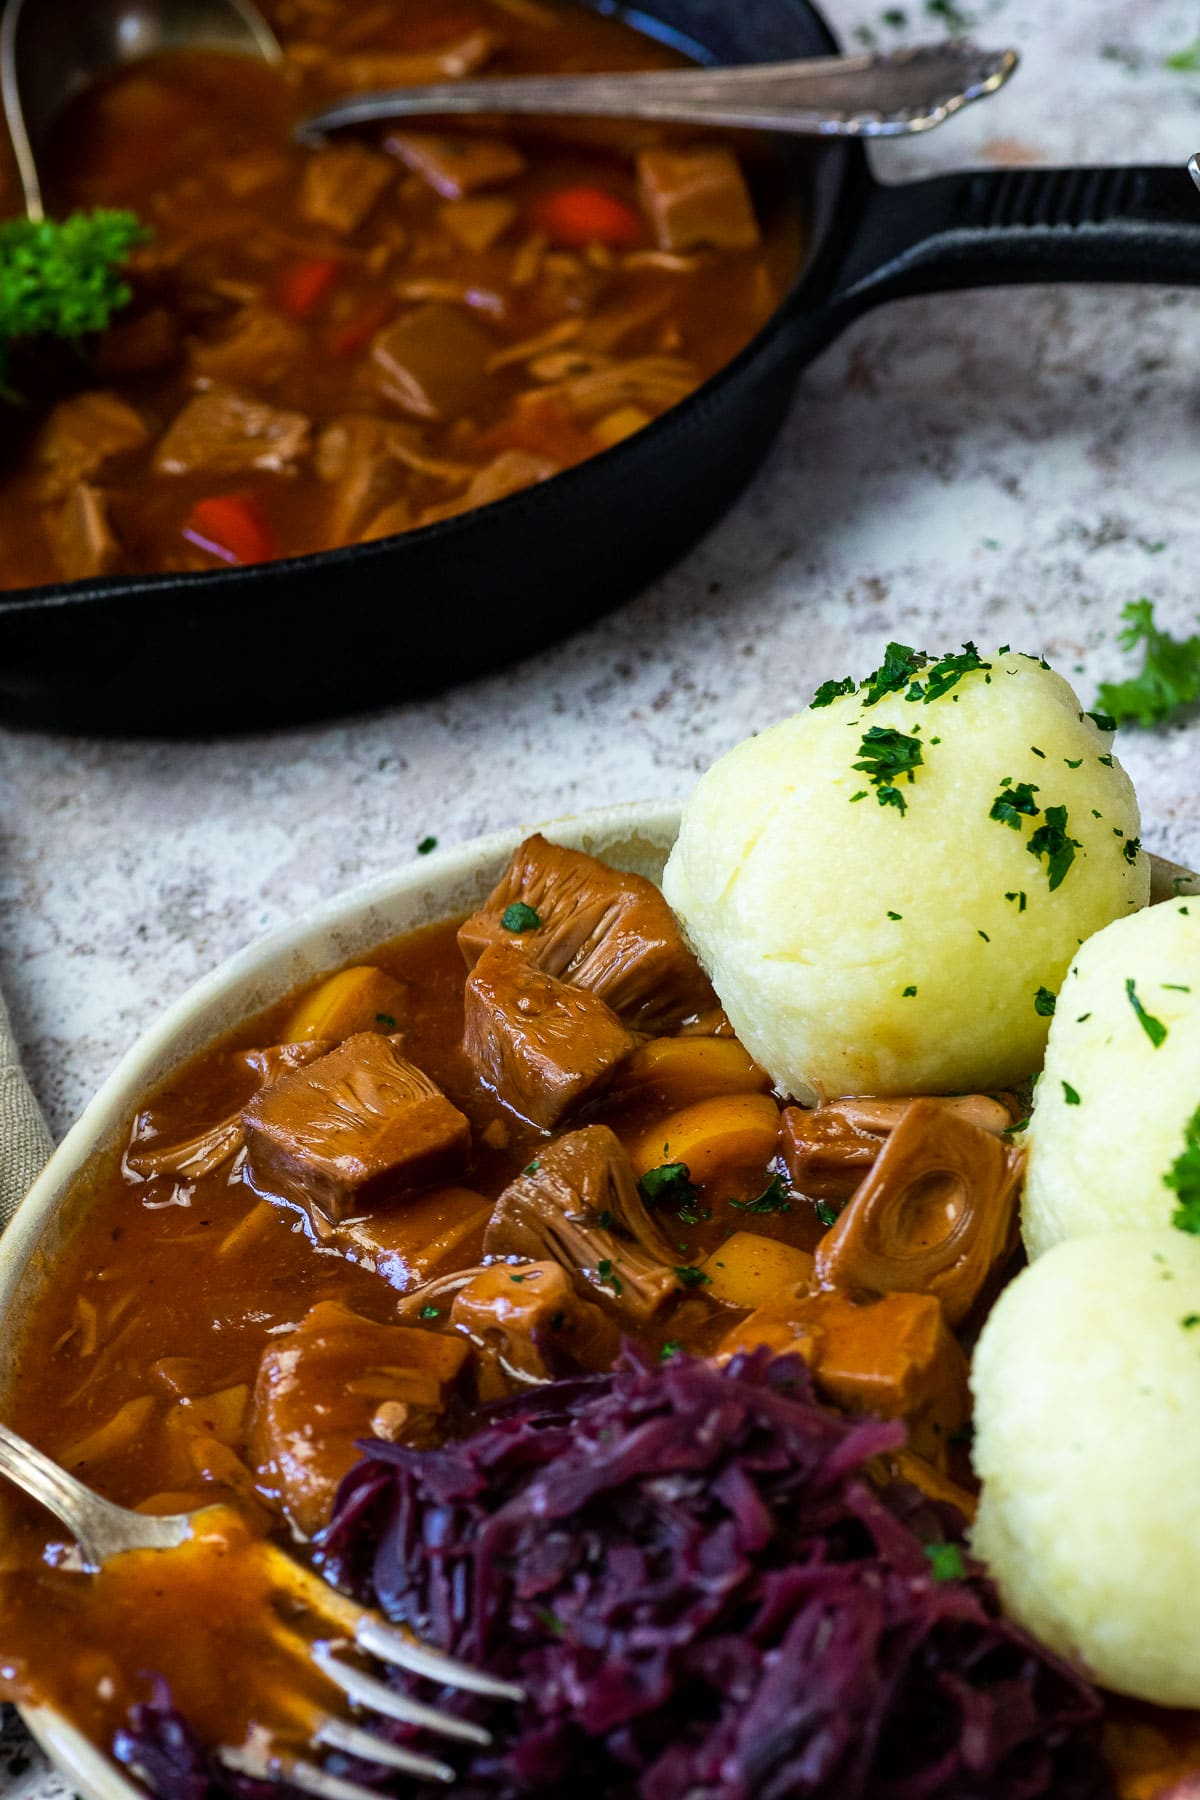 Nahaufnahme des veganen ungarischen Gulasches, das auf einem Teller mit Knödeln und Rotkohl serviert wird. Hinten eine gusseiserne Pfanne.